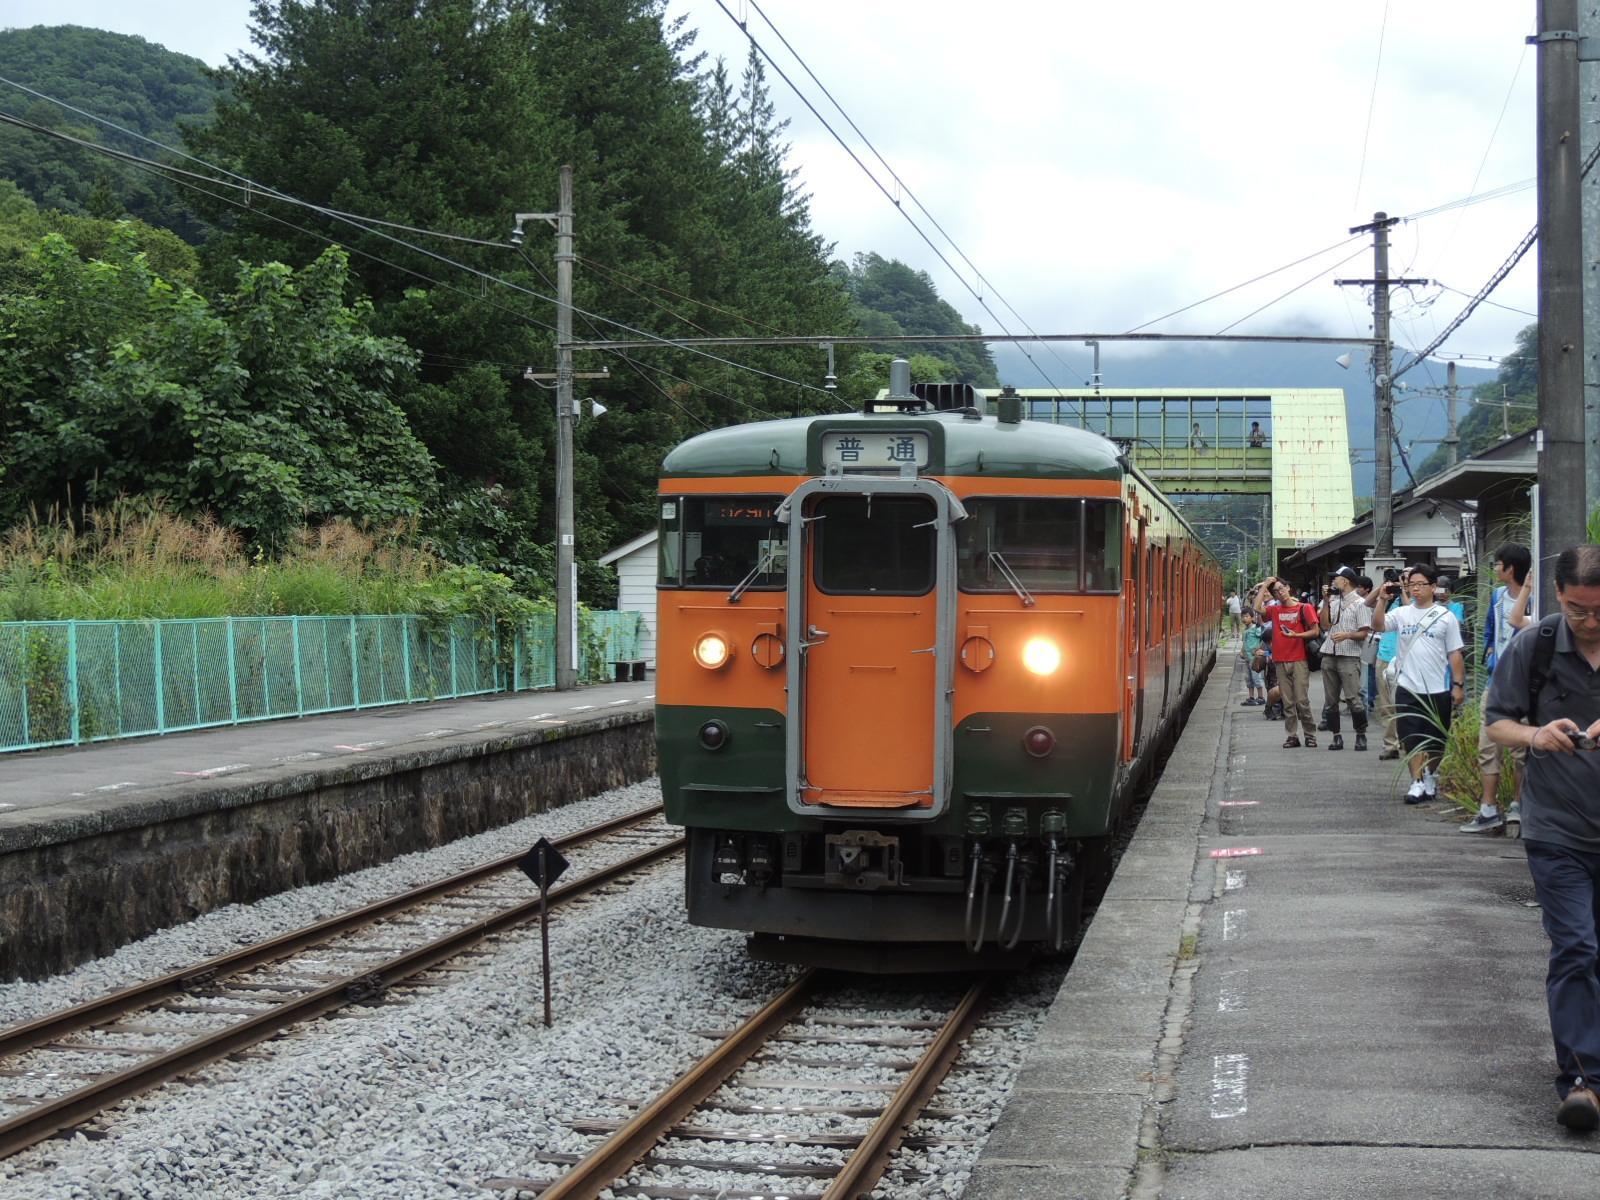 DSCN9496.jpg